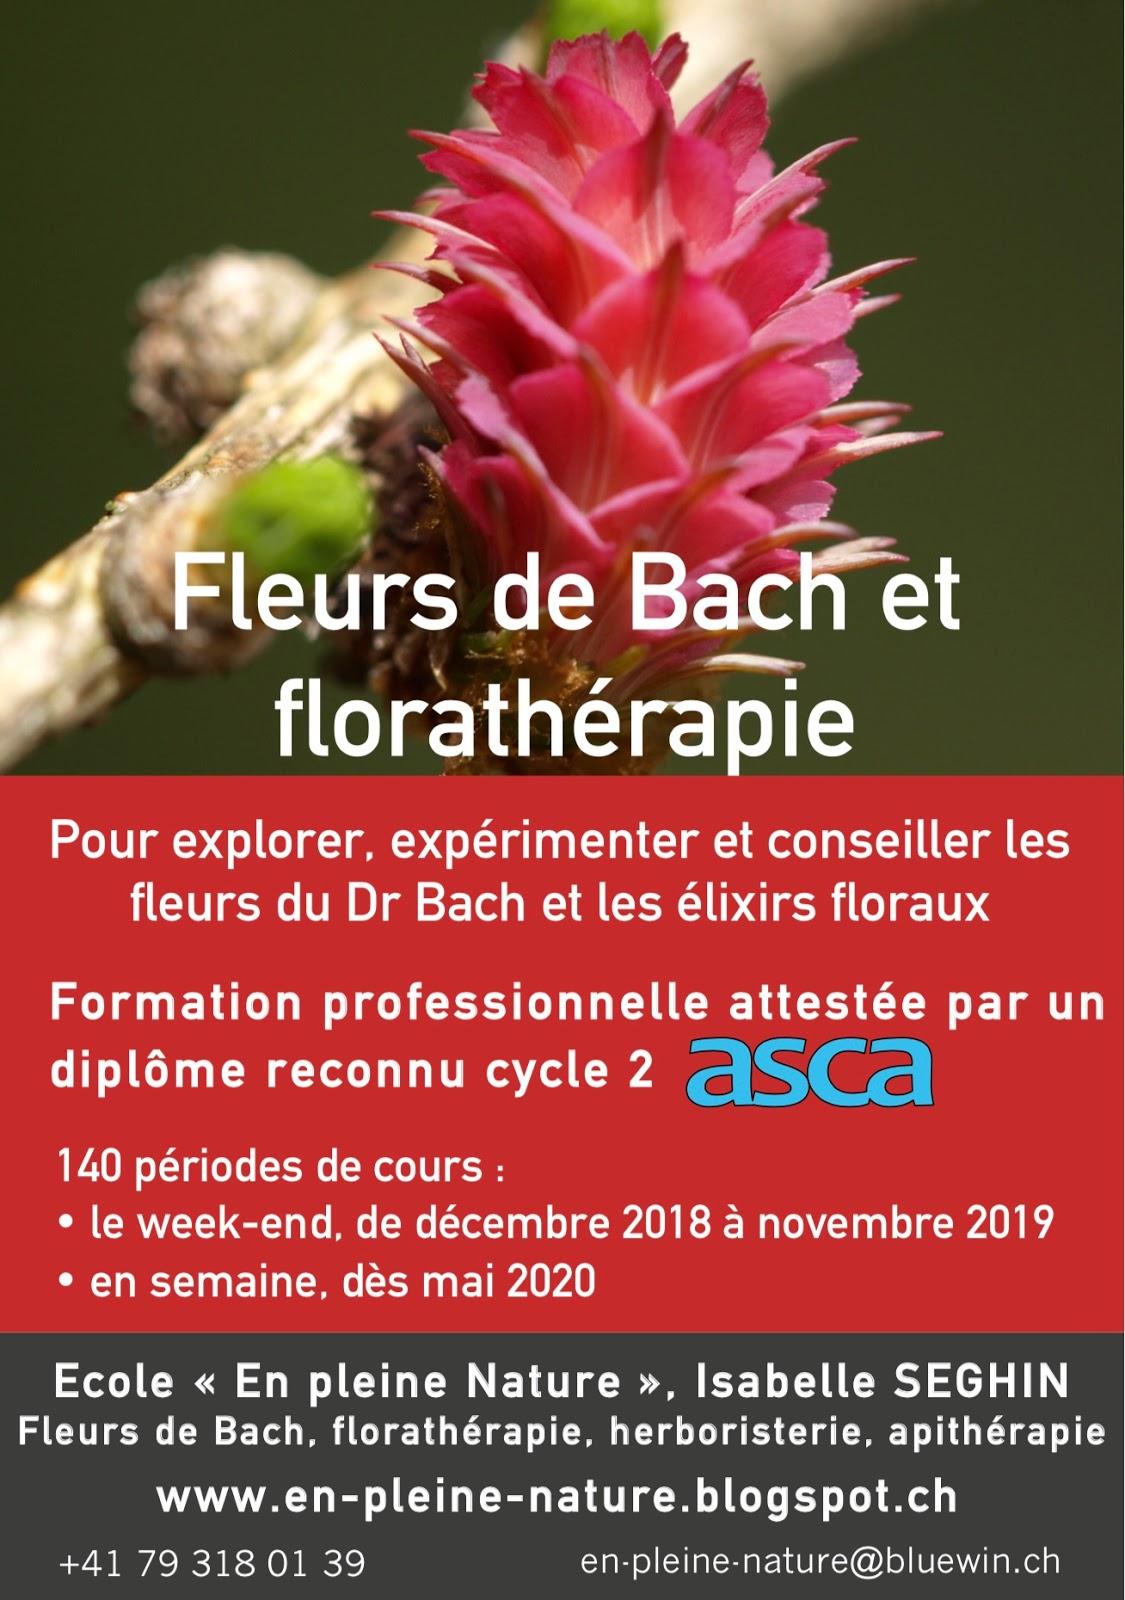 Ecole En Pleine Nature Fleurs De Bach Florathrapie Herboristerie Apithrapie